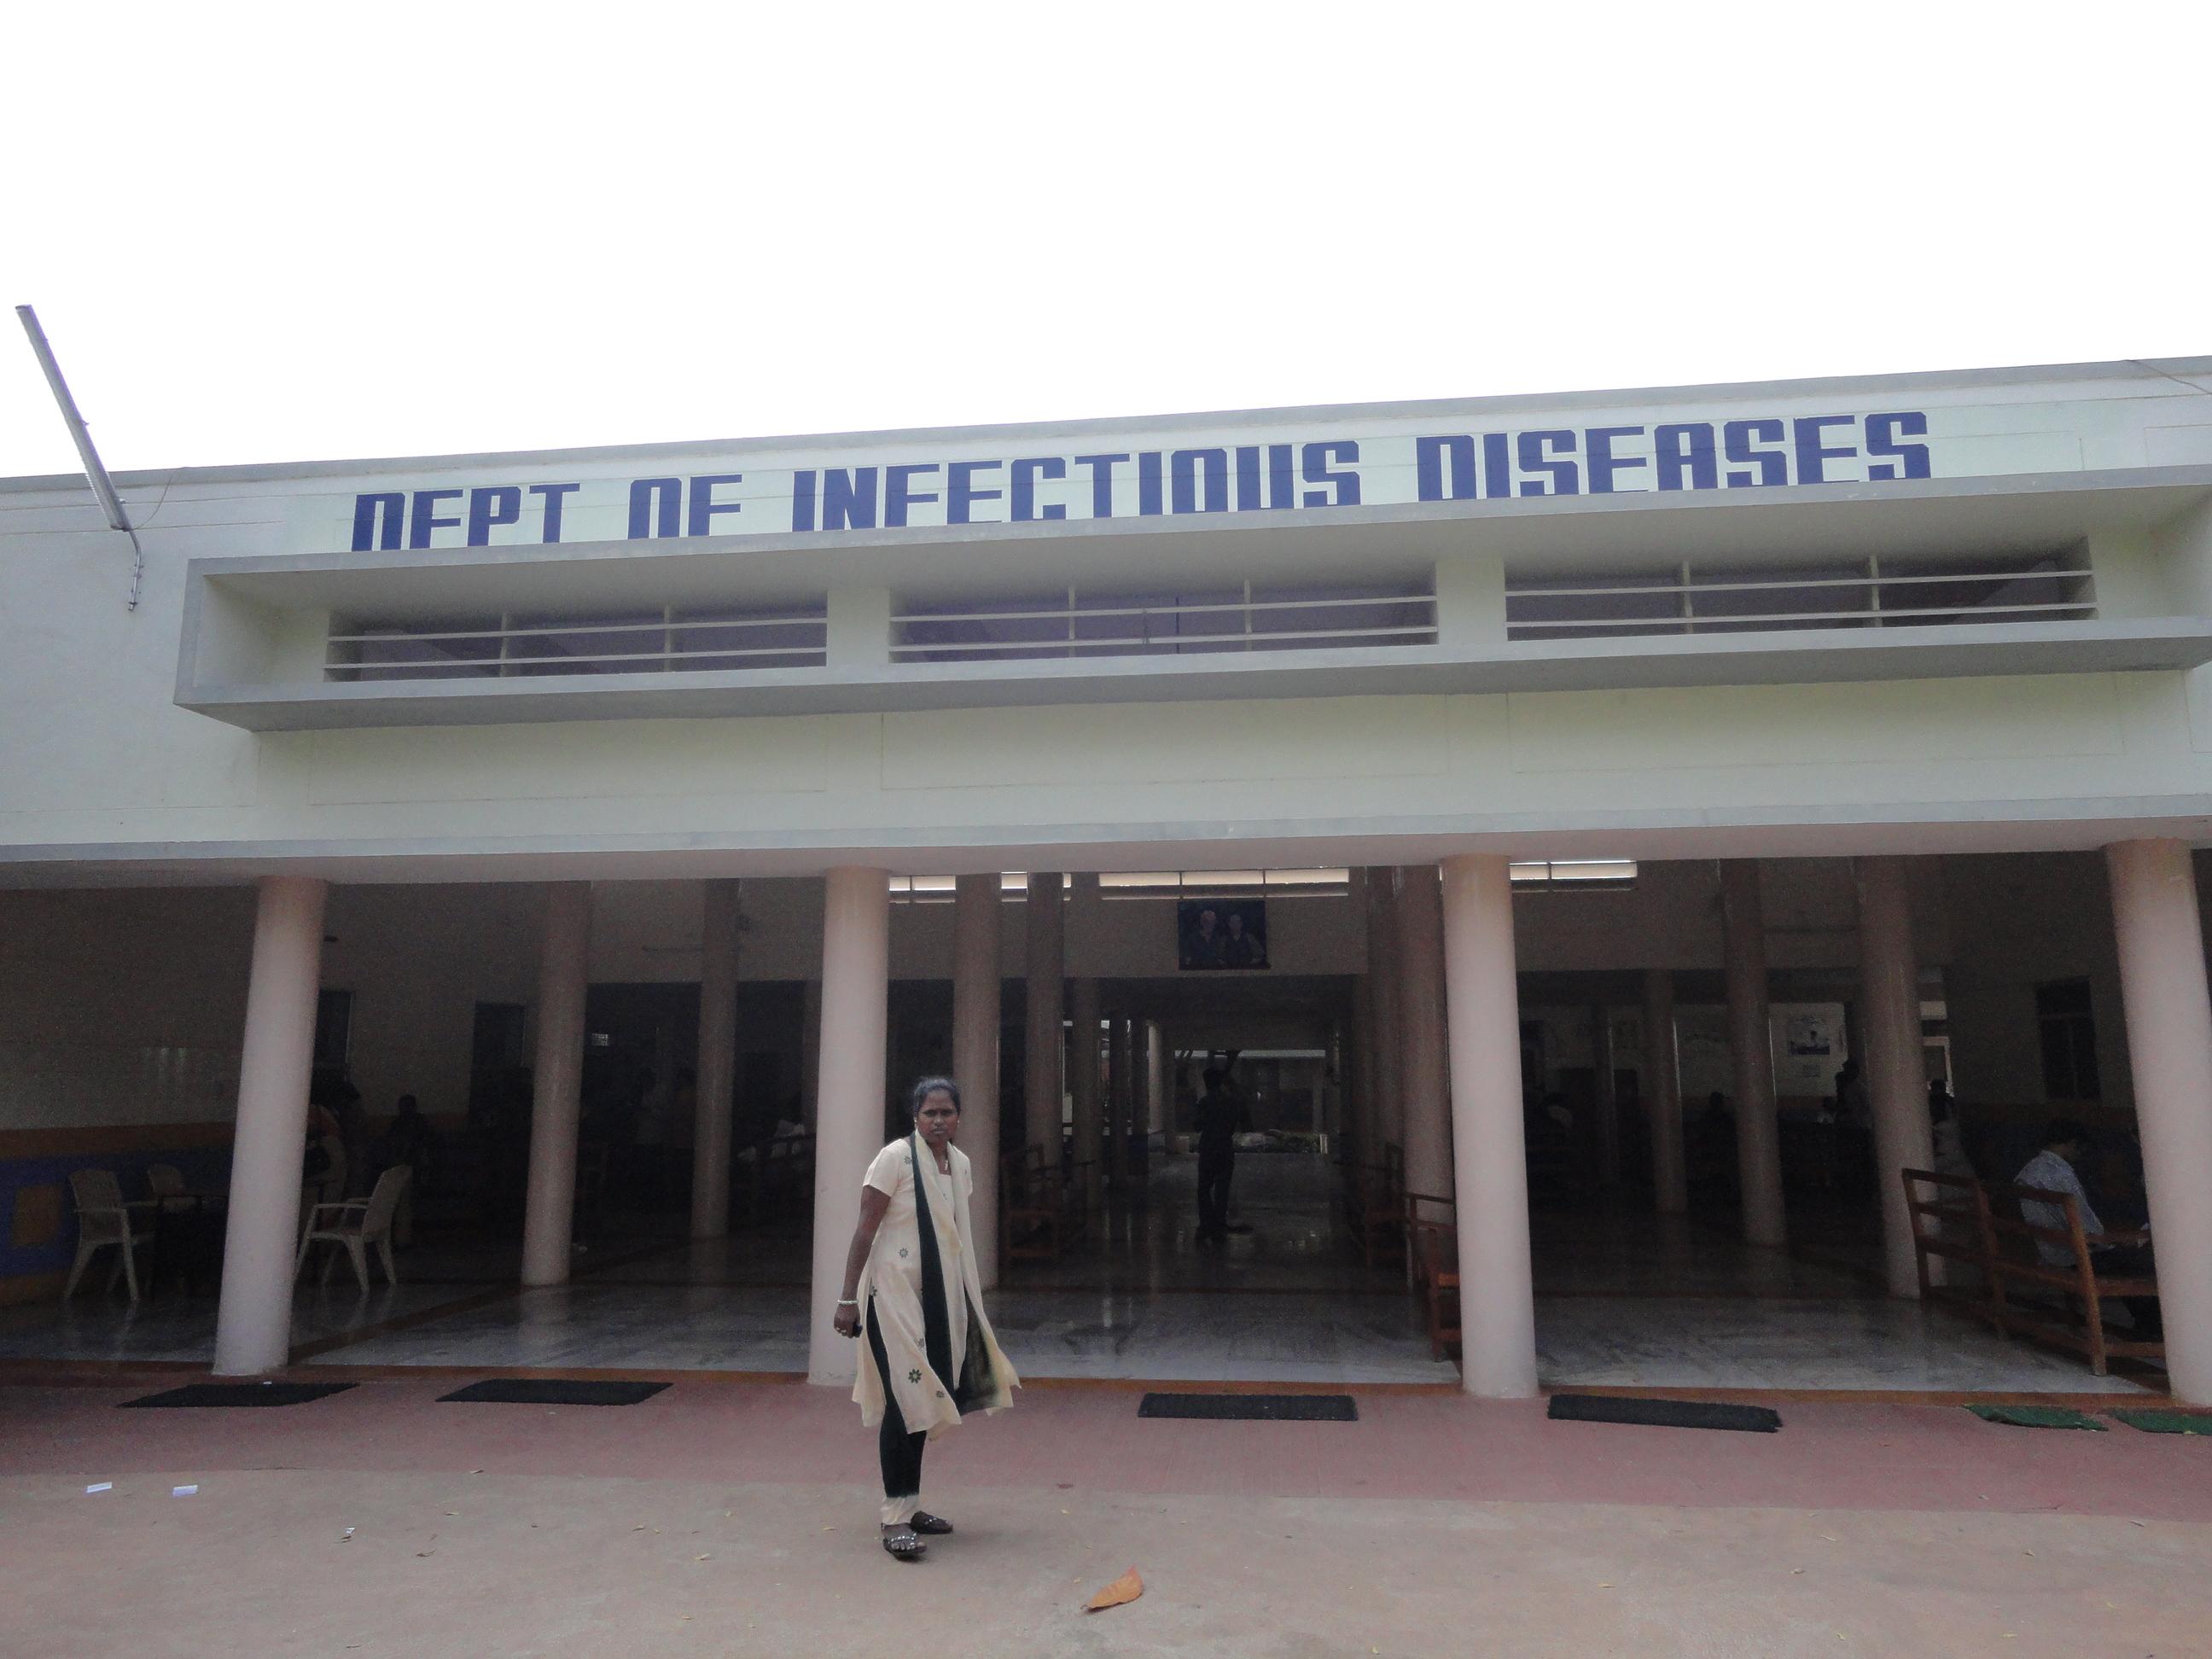 Hospital enfermedades infecciosas en Inda Fundación Vicente Ferrer